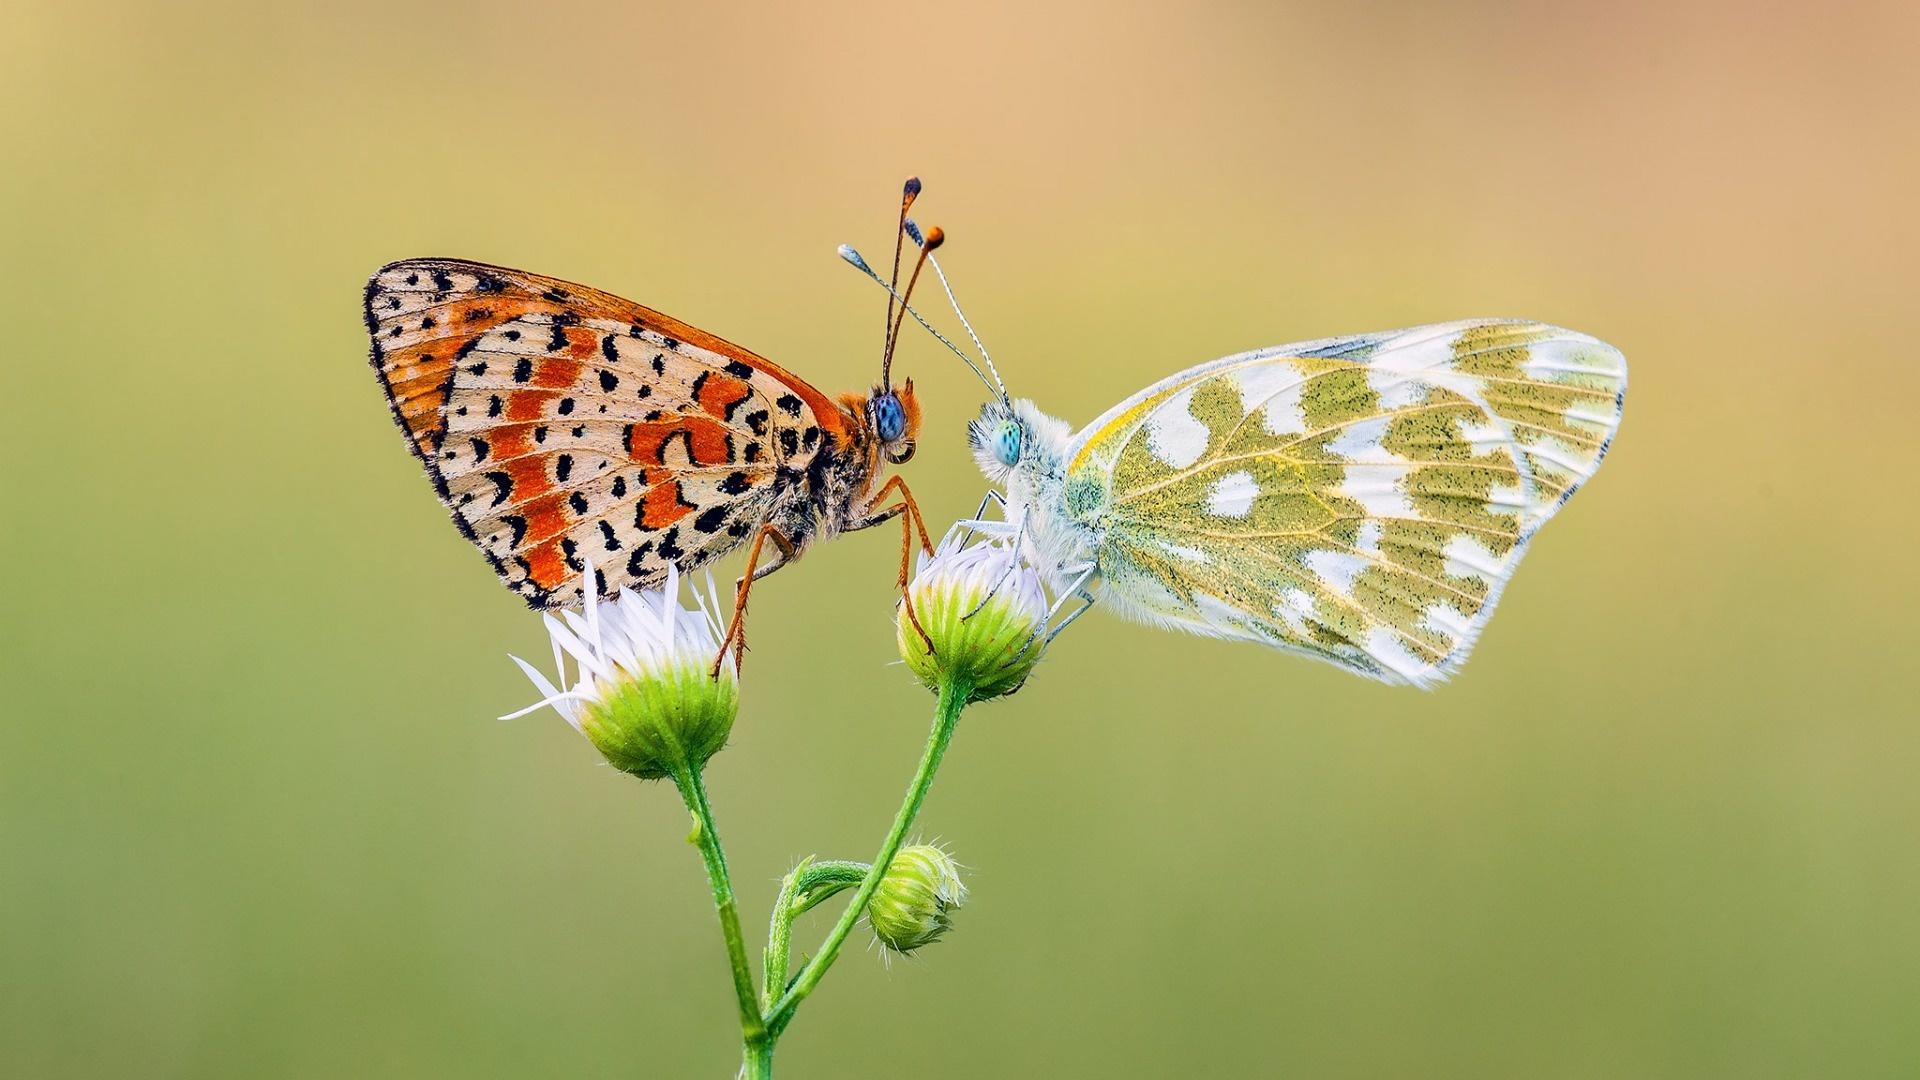 Hd Wallpapers Brands Logos Two Butterfly Romance Wallpaper Animals Wallpaper Better